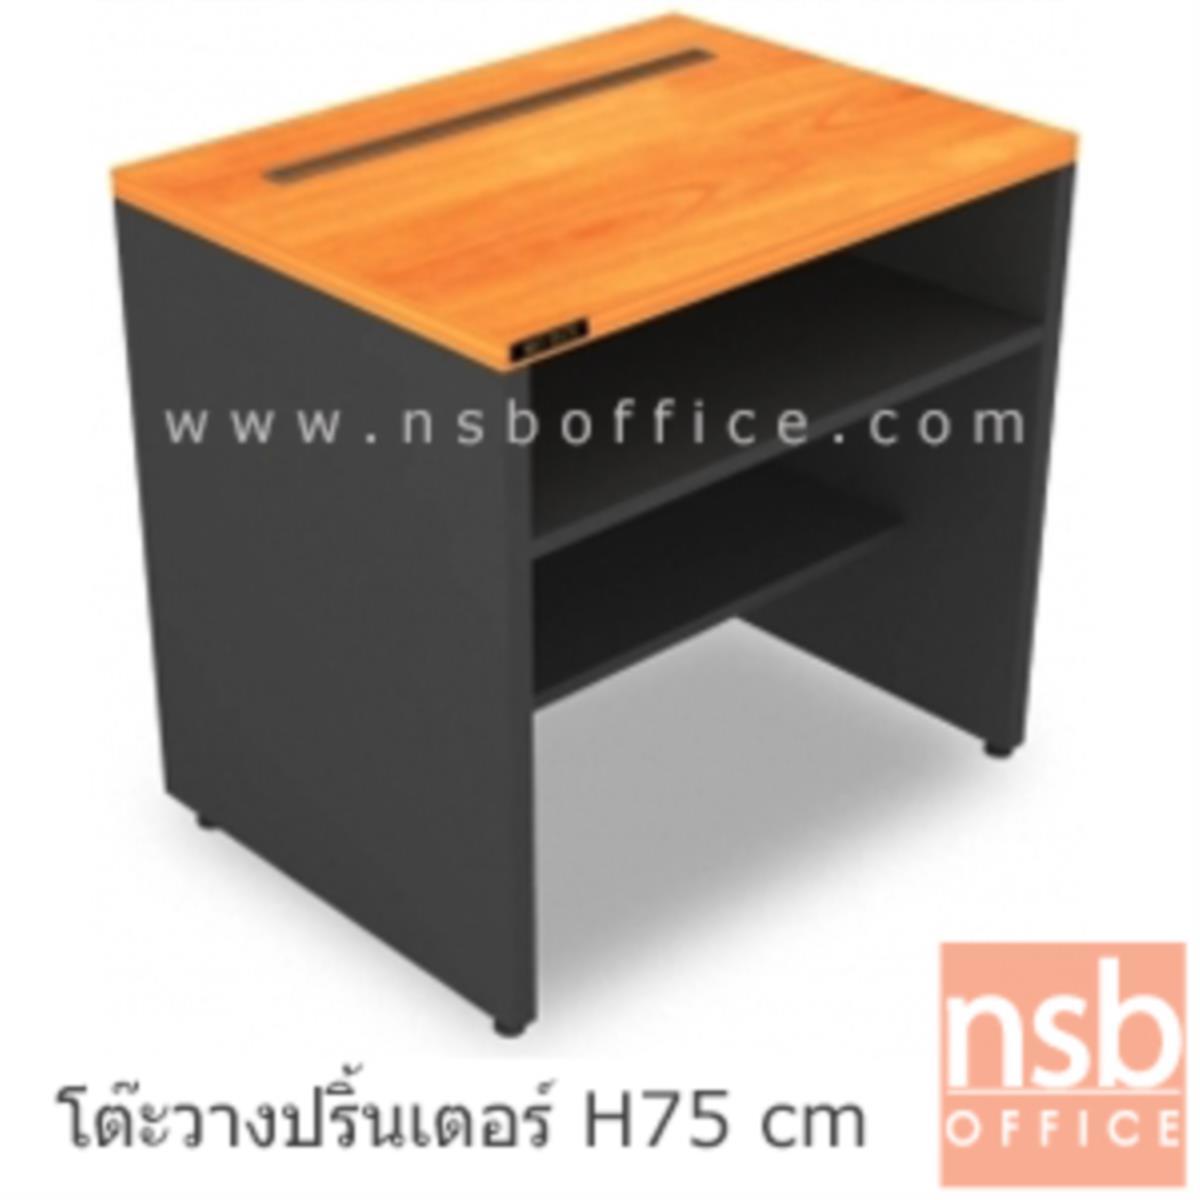 A12A010:โต๊ะวางพริ้นเตอร์  รุ่น Moreno (มอเรโน)  พร้อมช่องฟีดกระดาษและแผ่นชั้นวาง